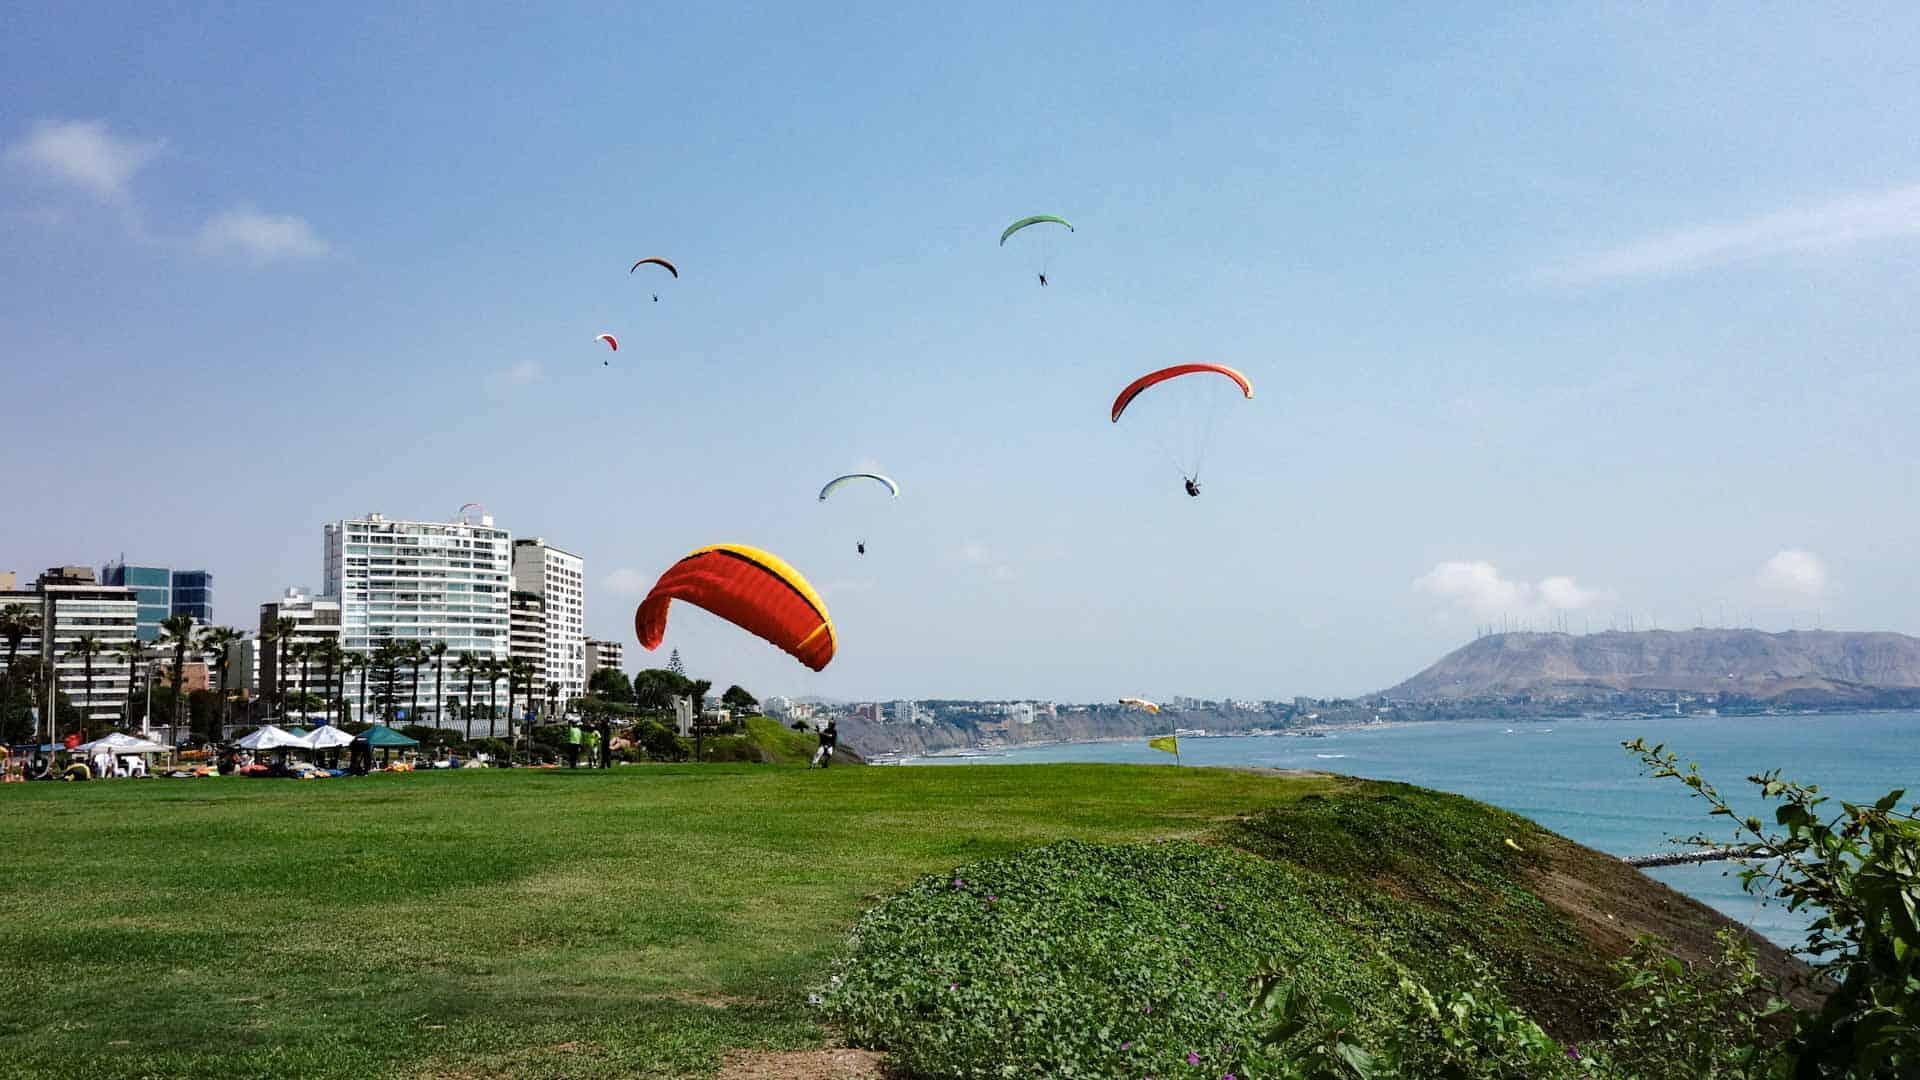 Paragliders in Miraflores, Lima, Peru